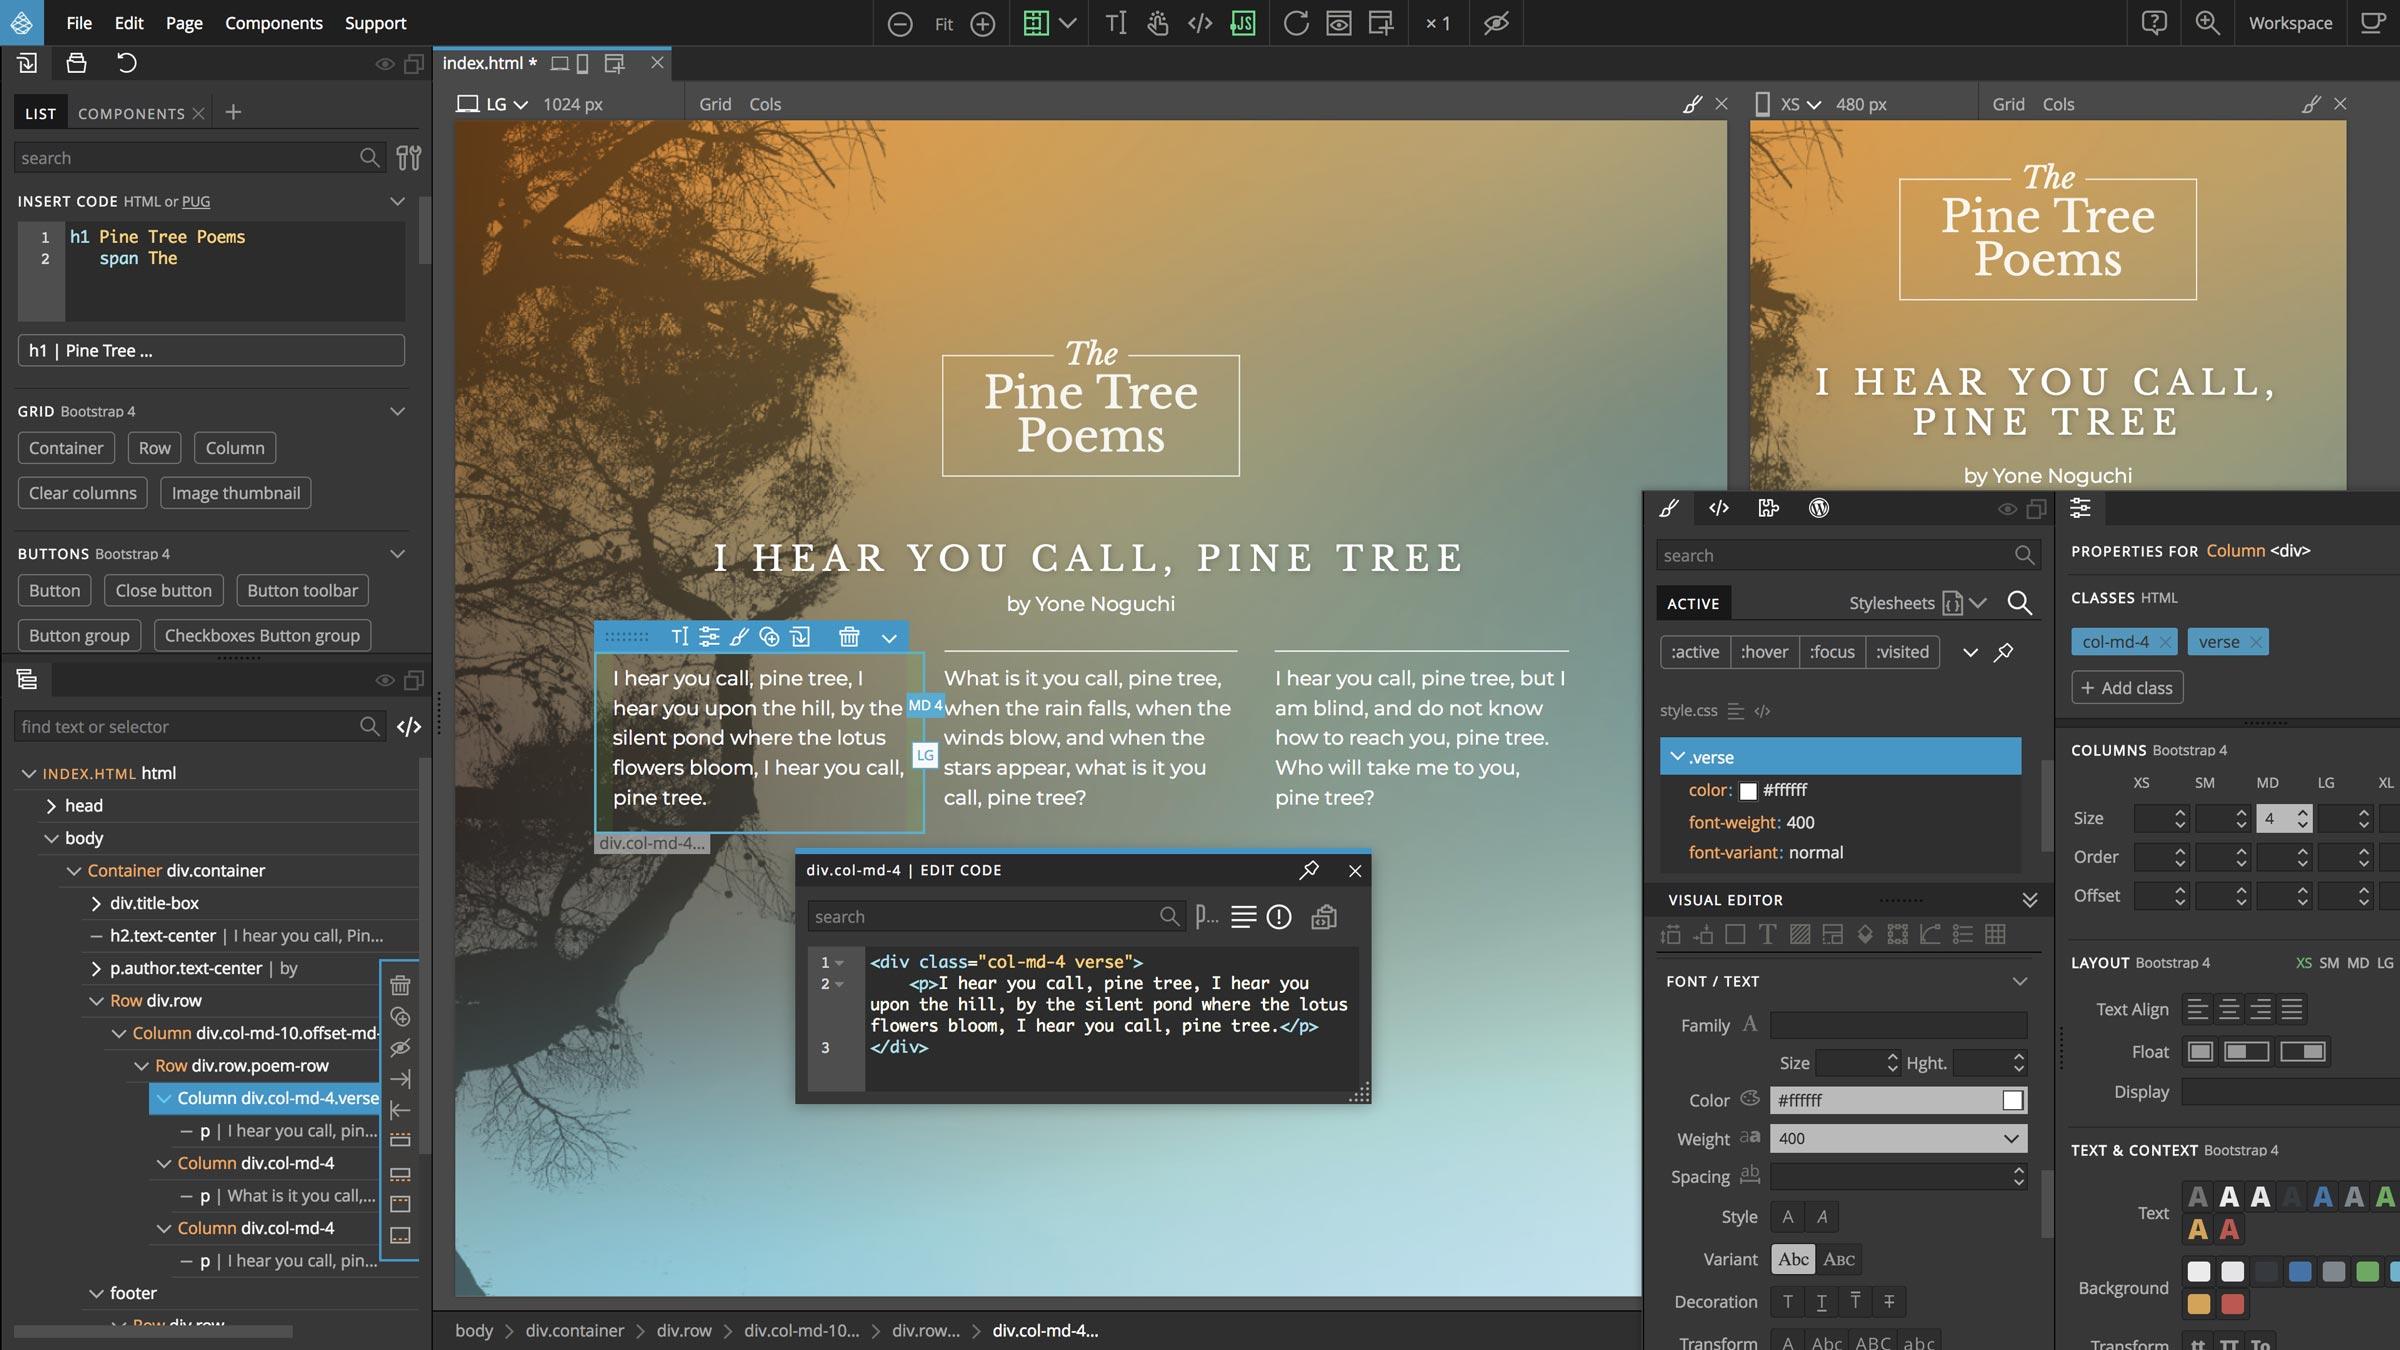 Humane Technologies Pinegrow Web Editor v5.96.0